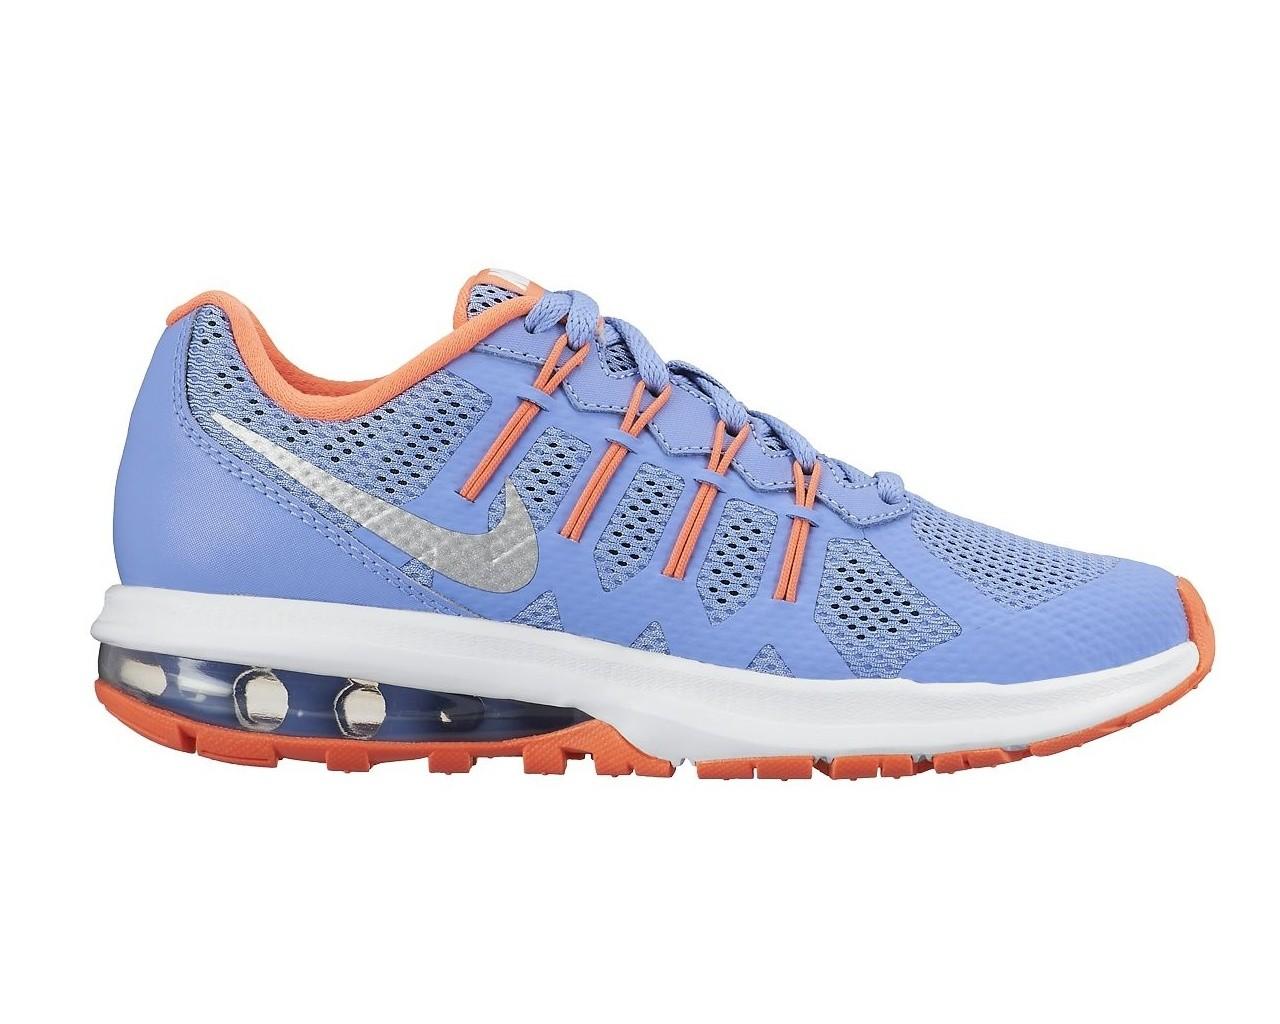 Dětské boty Nike AIR MAX DYNASTY (GS) CHLK BLUE MTLLC SLVR-BRGHT MNG ... 89cdd29cd62